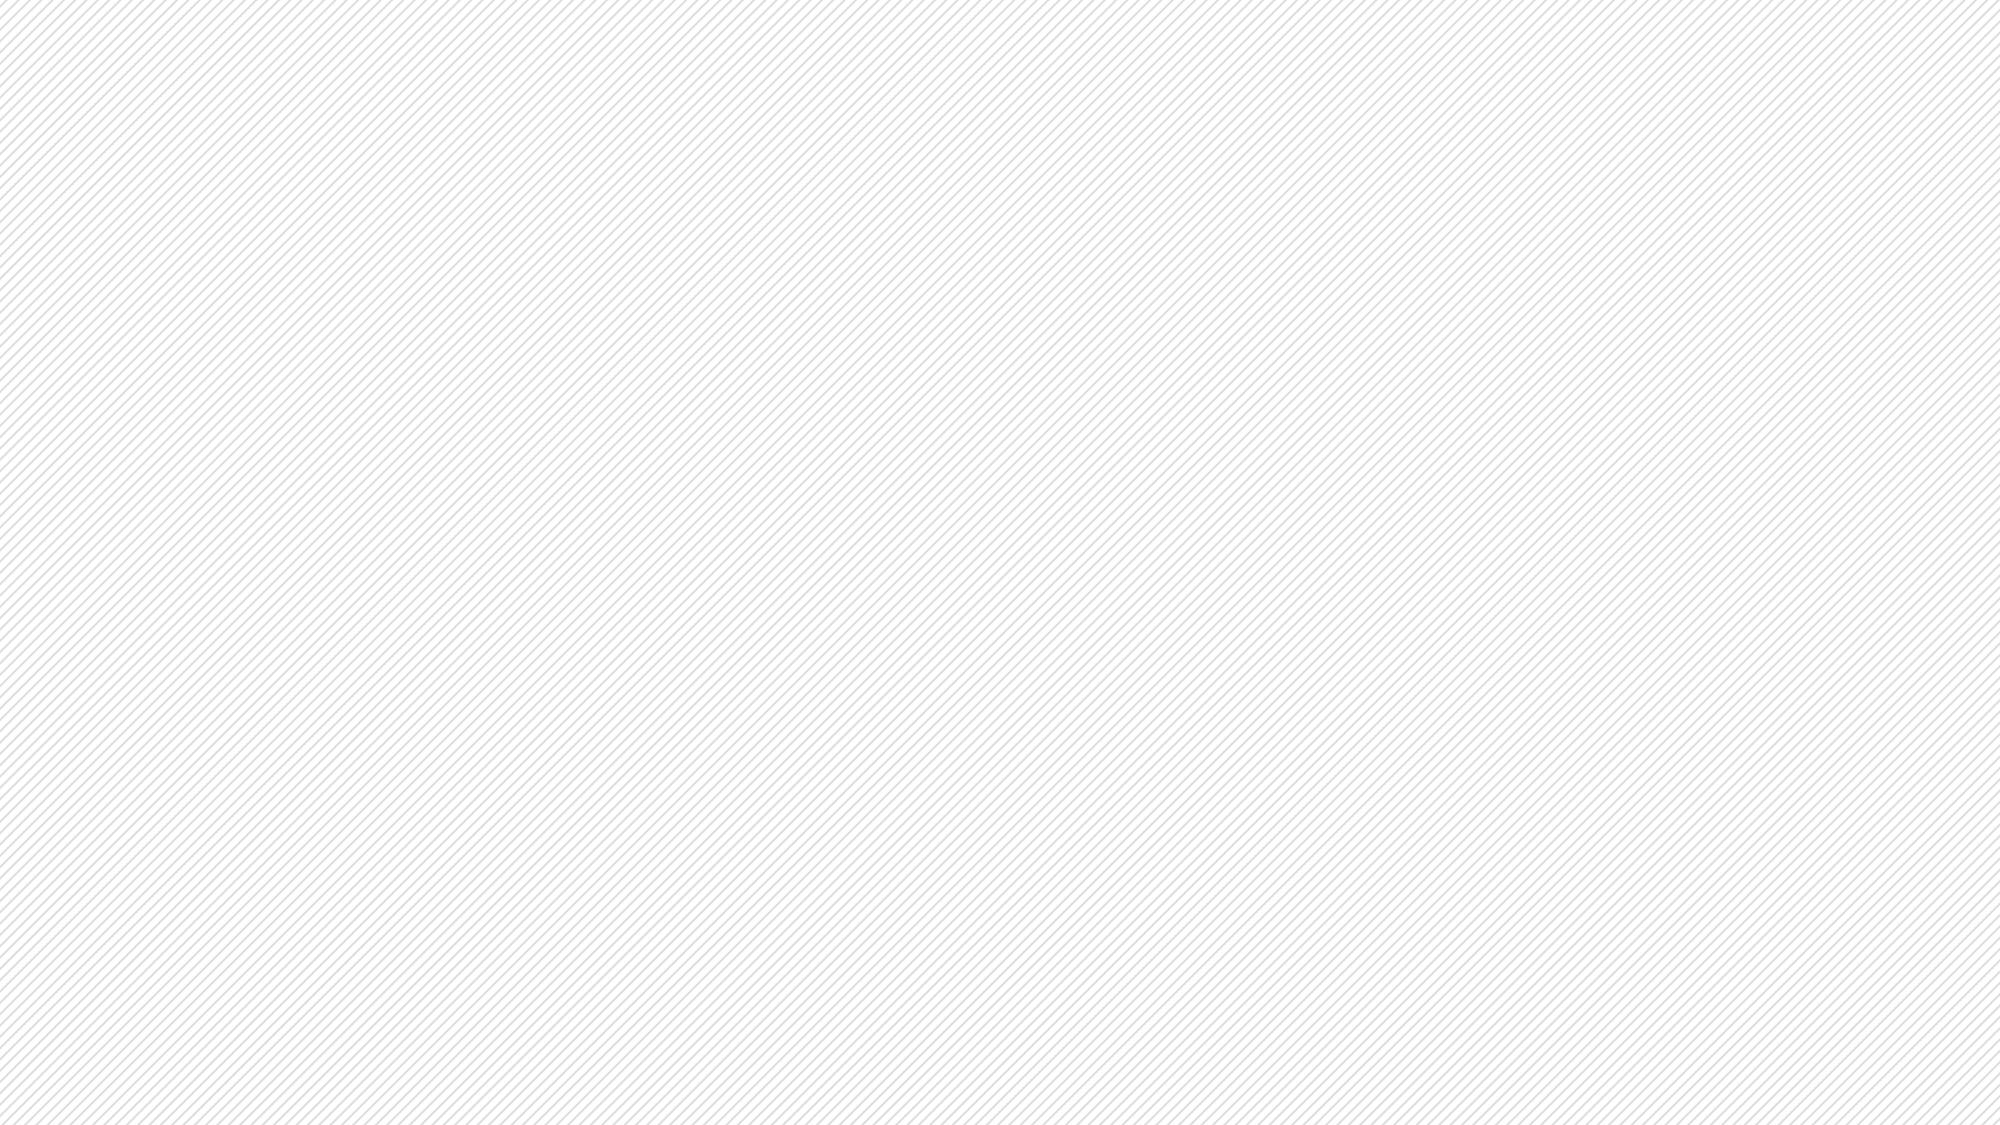 Una infraestructura mundial y protegida - Somos pensados para acoger a empresas del mundo entero, gracias a nuestra plataforma 100% cloud altamente escalable alojada en Amazon Web Services : en 15 regiónes, alta disponibilidad en varias regiónes, servicio de soporte y de guardia 7 días a la semana.